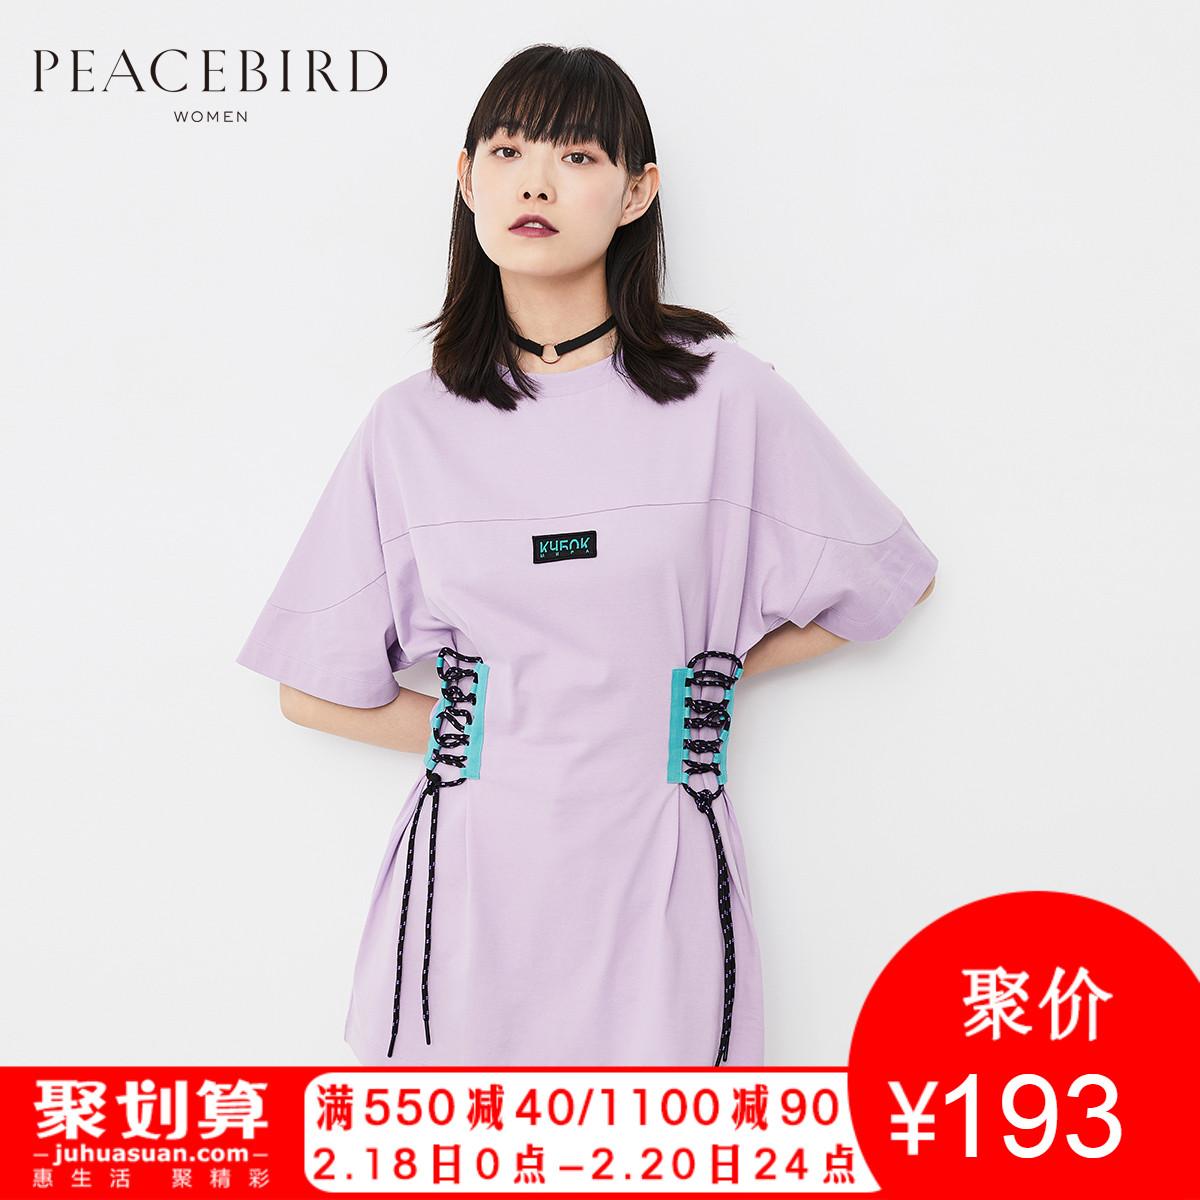 紫色T恤连衣裙女夏2018新款短袖绑带小清新连体短裙太平鸟女装